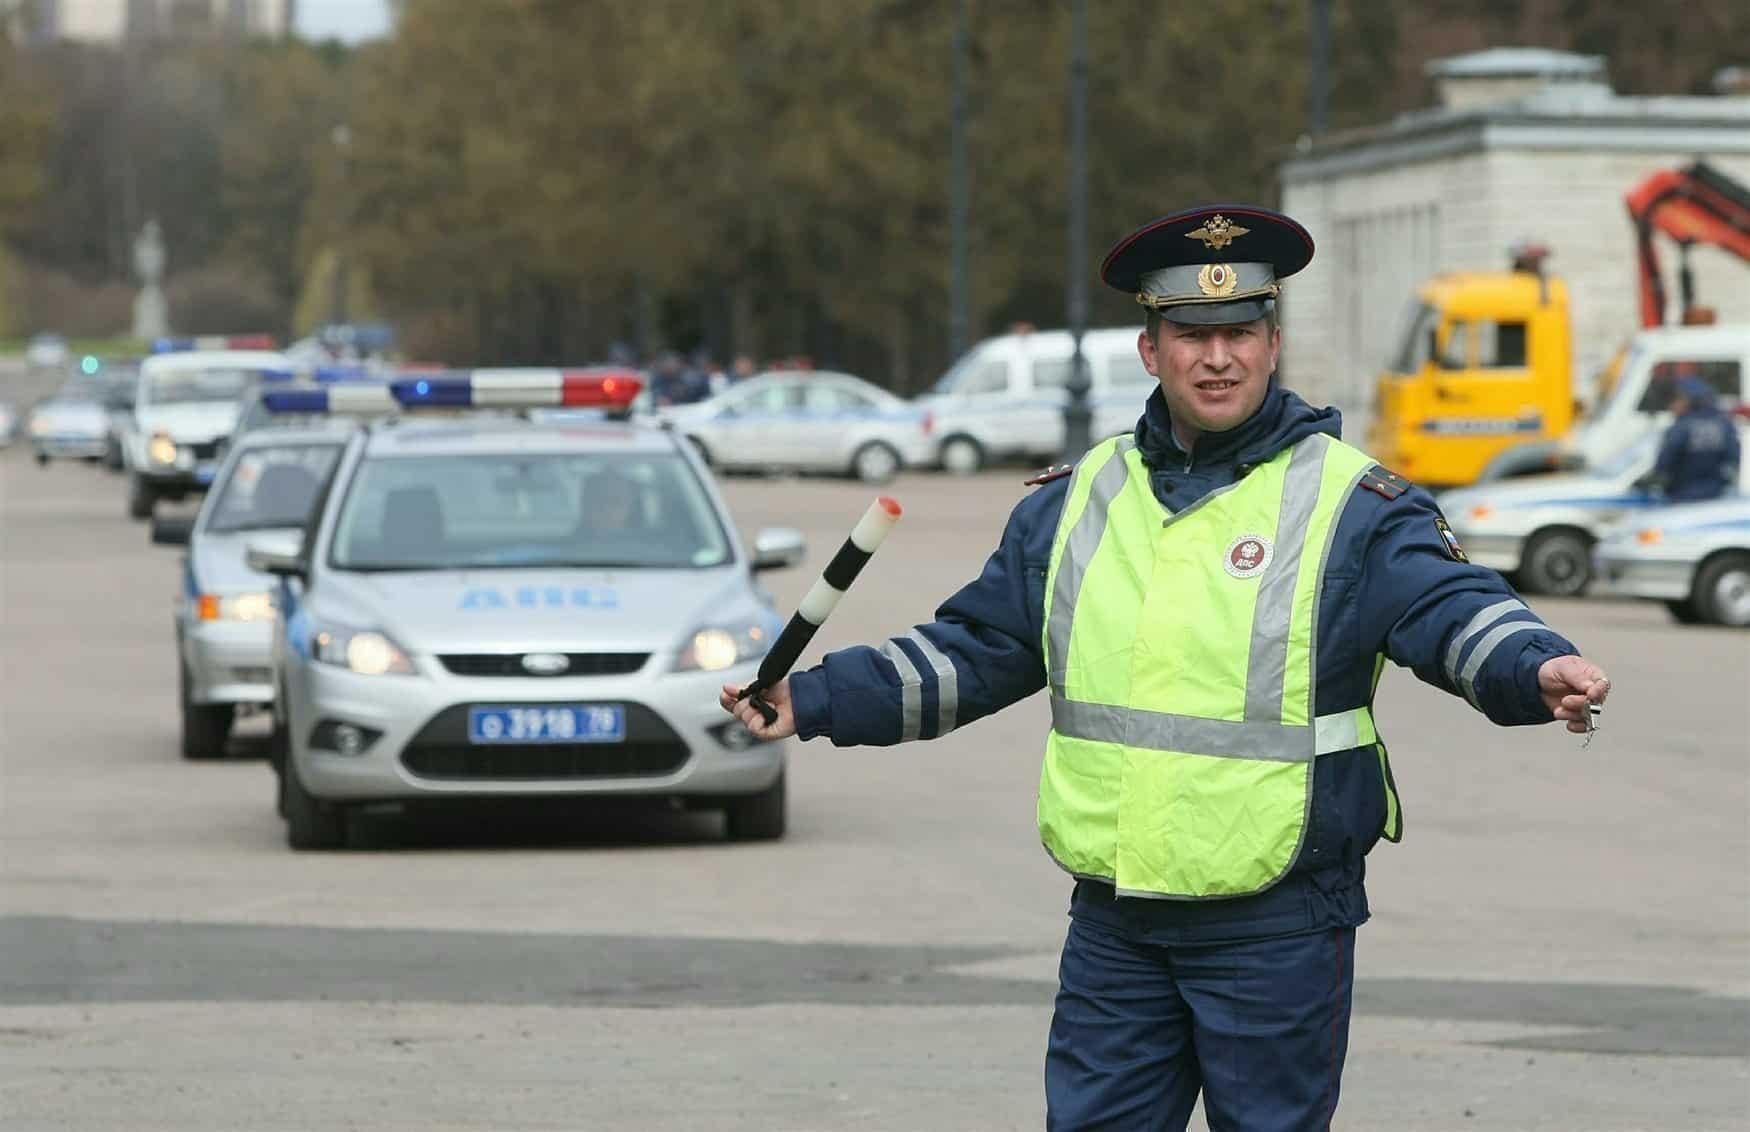 До сорока тыс. рублей: новые штрафы ГИБДД поражают размерами